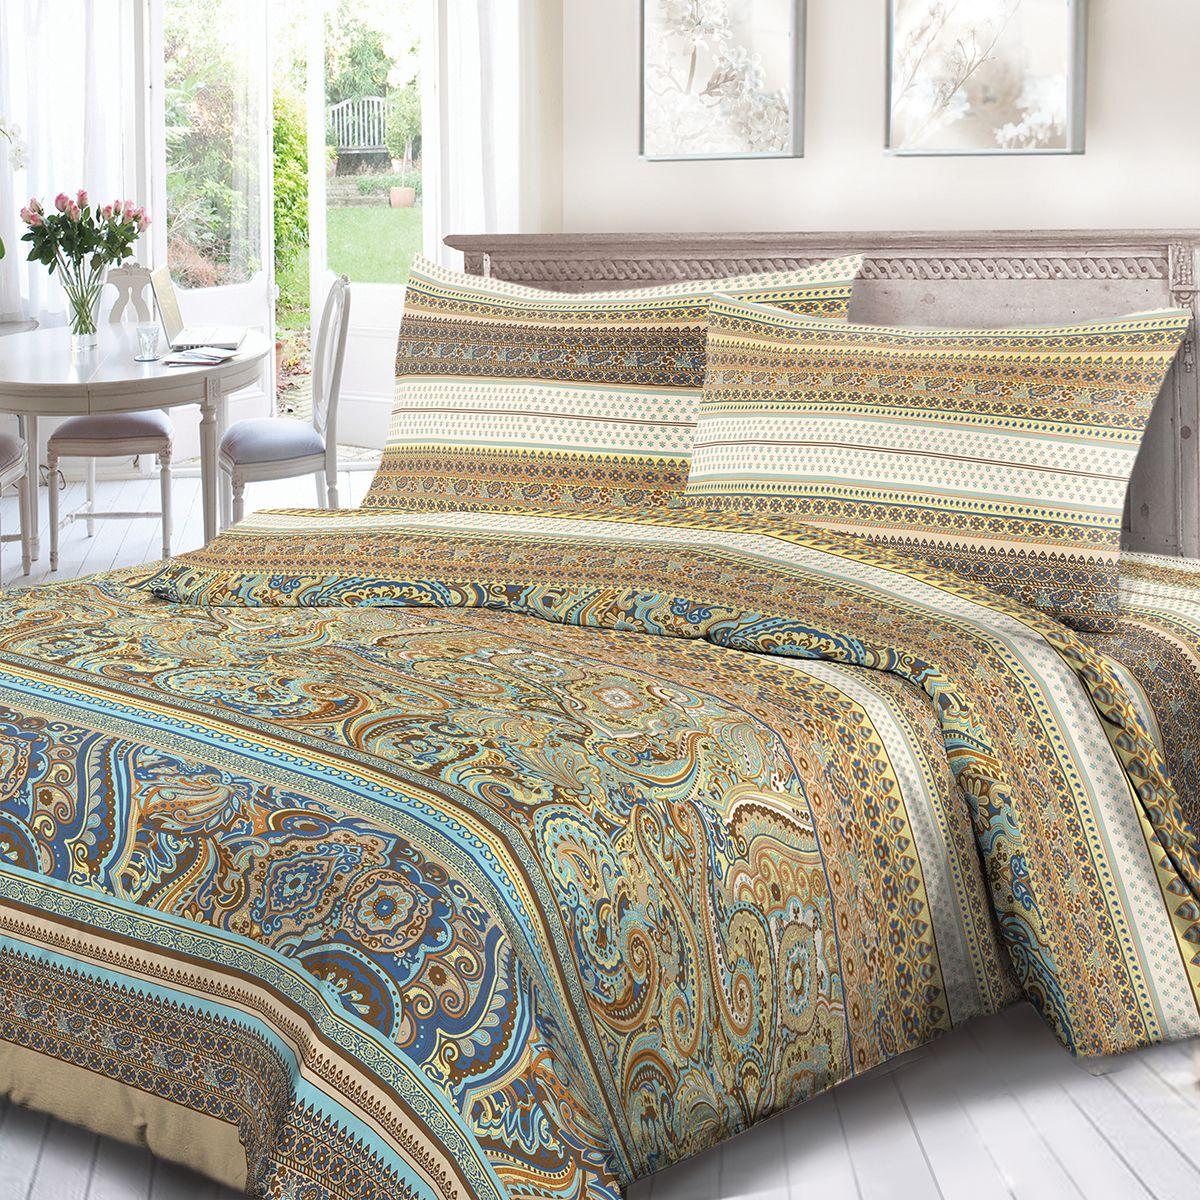 Комплект белья Сорренто Измир, семейный, наволочки 70x70, цвет: разноцветный. 4126-190440